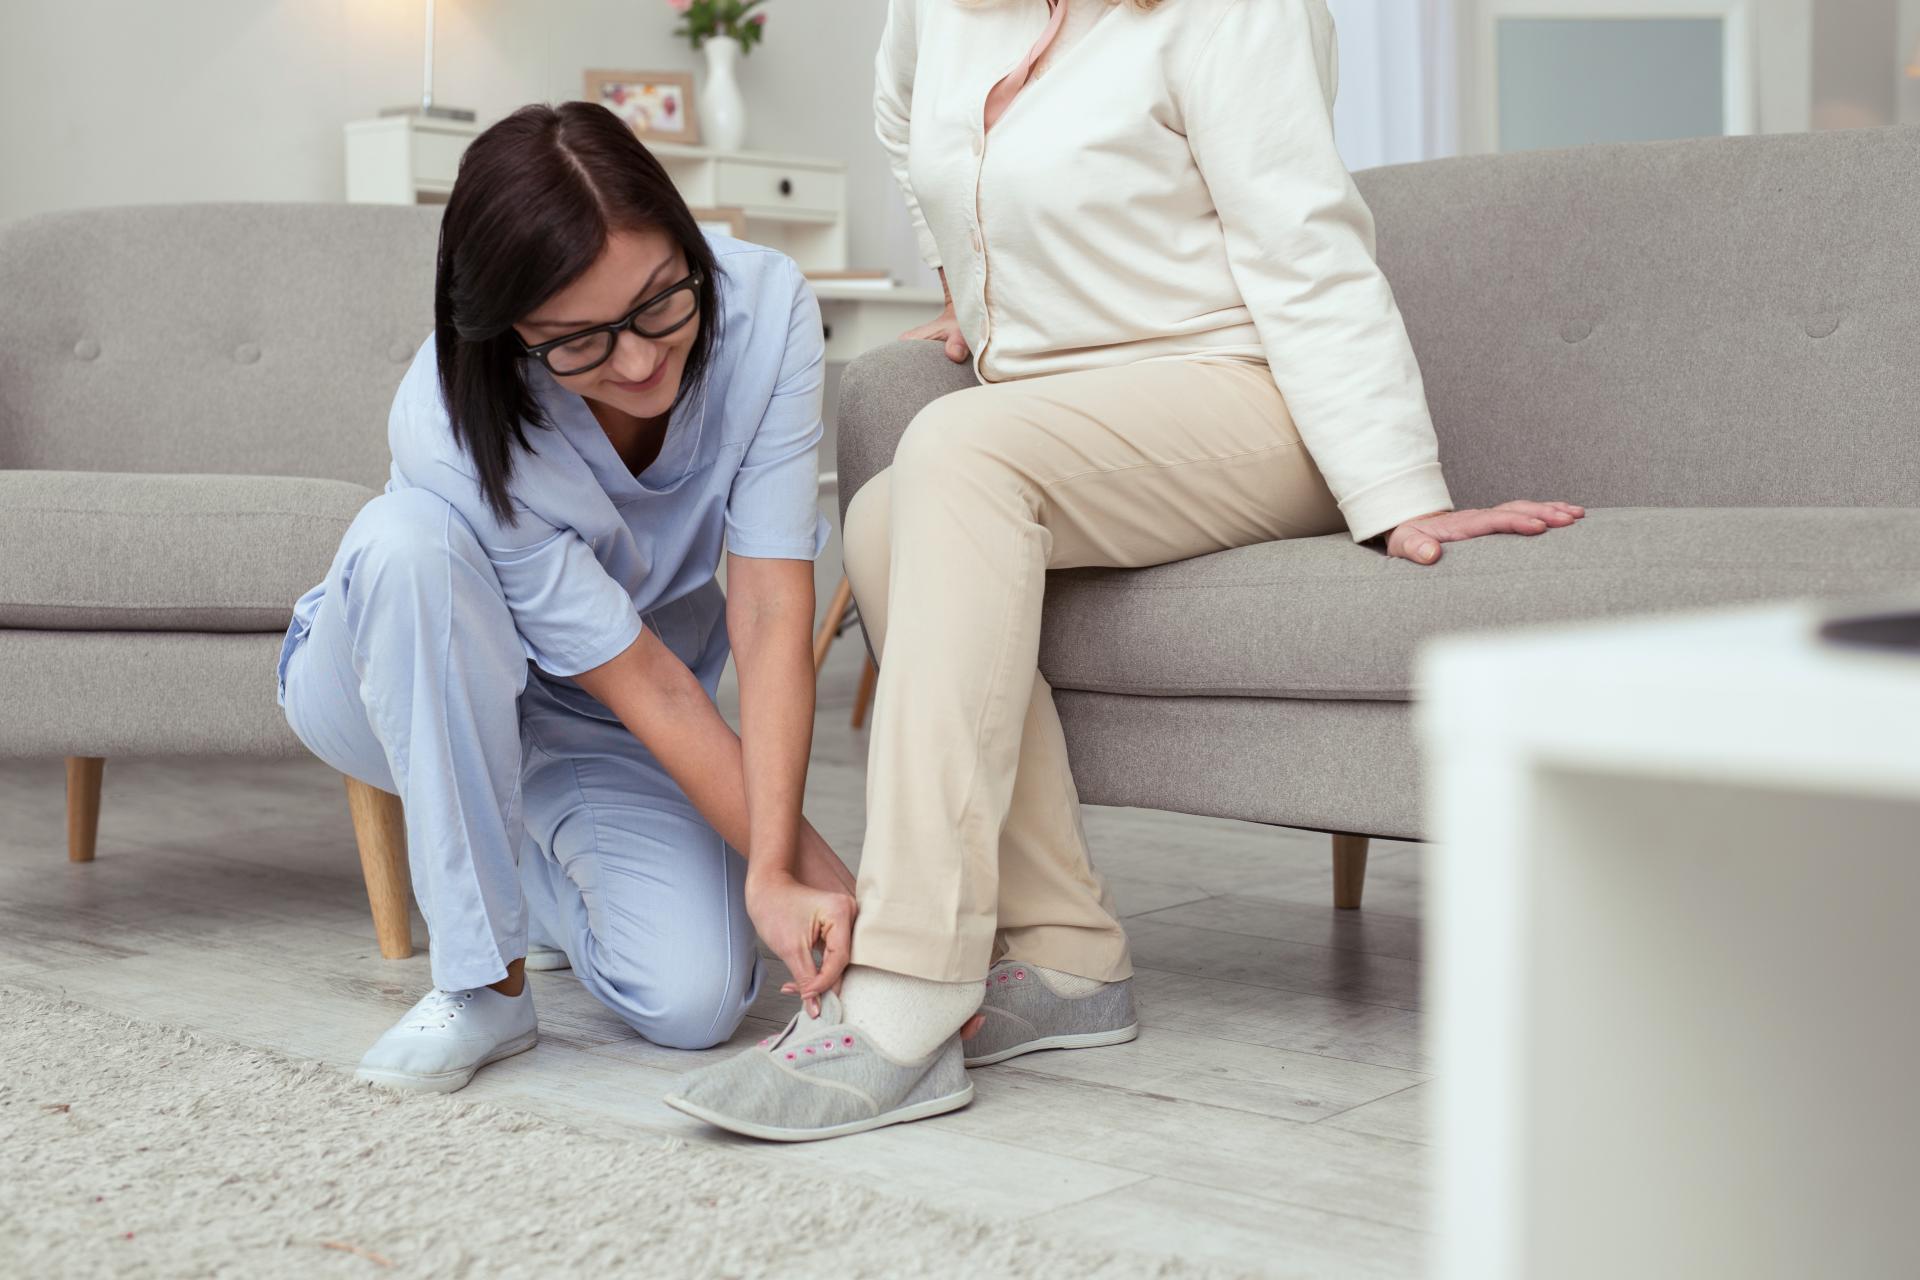 Une aide-soignante aide une personne âgée à mettre ses chaussures.